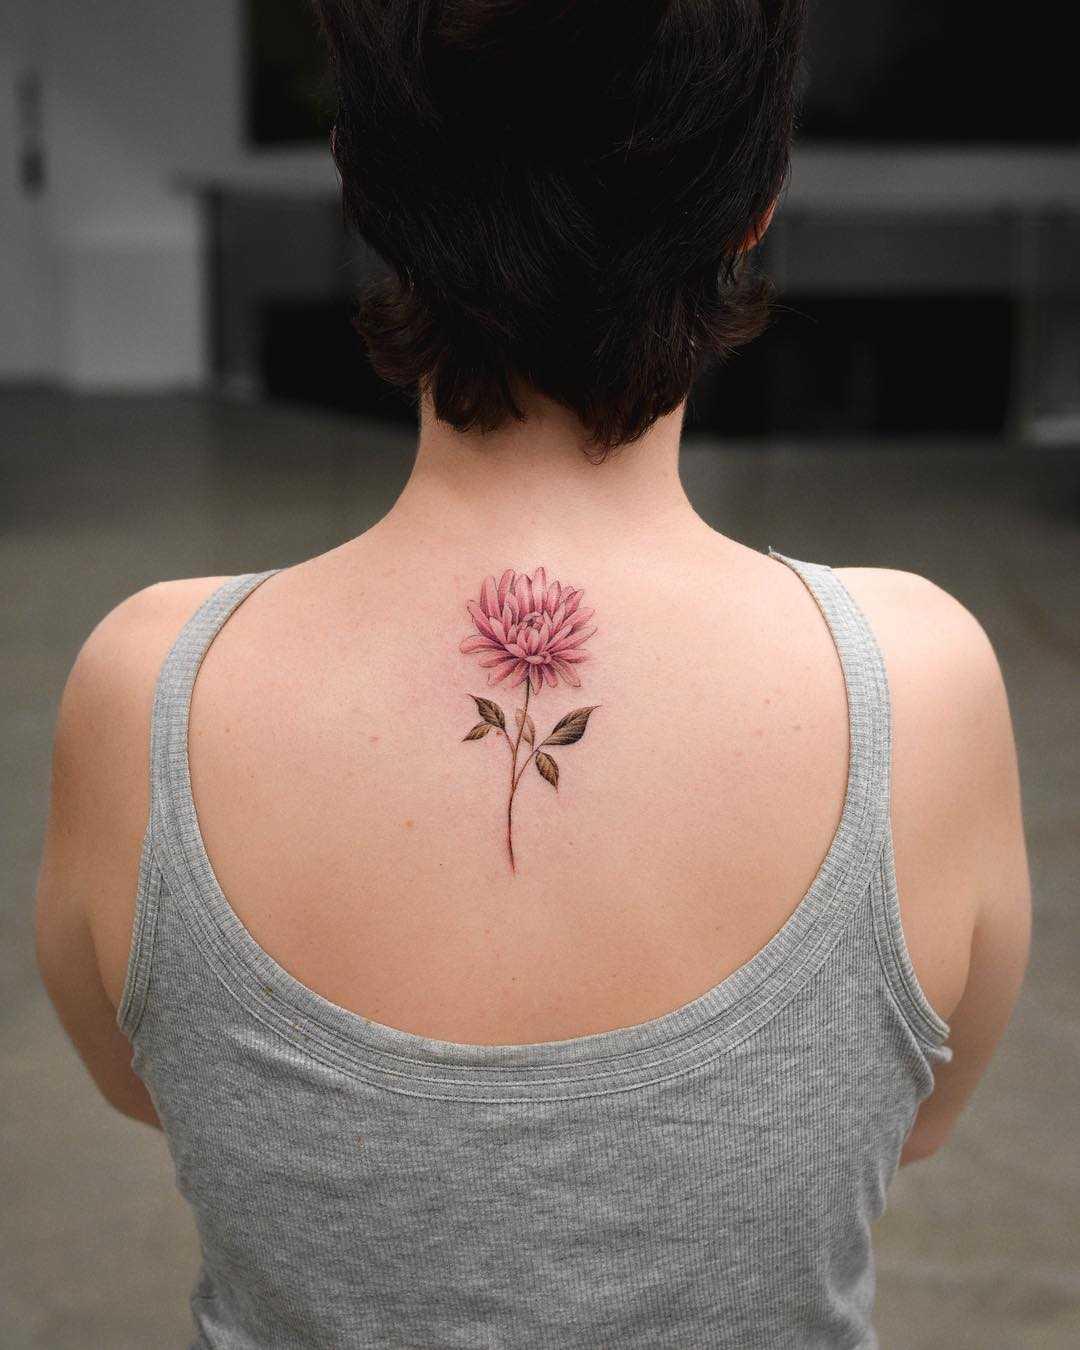 Tendance Tattoo 95 Magnifiques Idees De Tatouage De Chrysantheme A Afficher Sur Votre Corps Flashmag Fashion Beauty Lifestyle Magazine